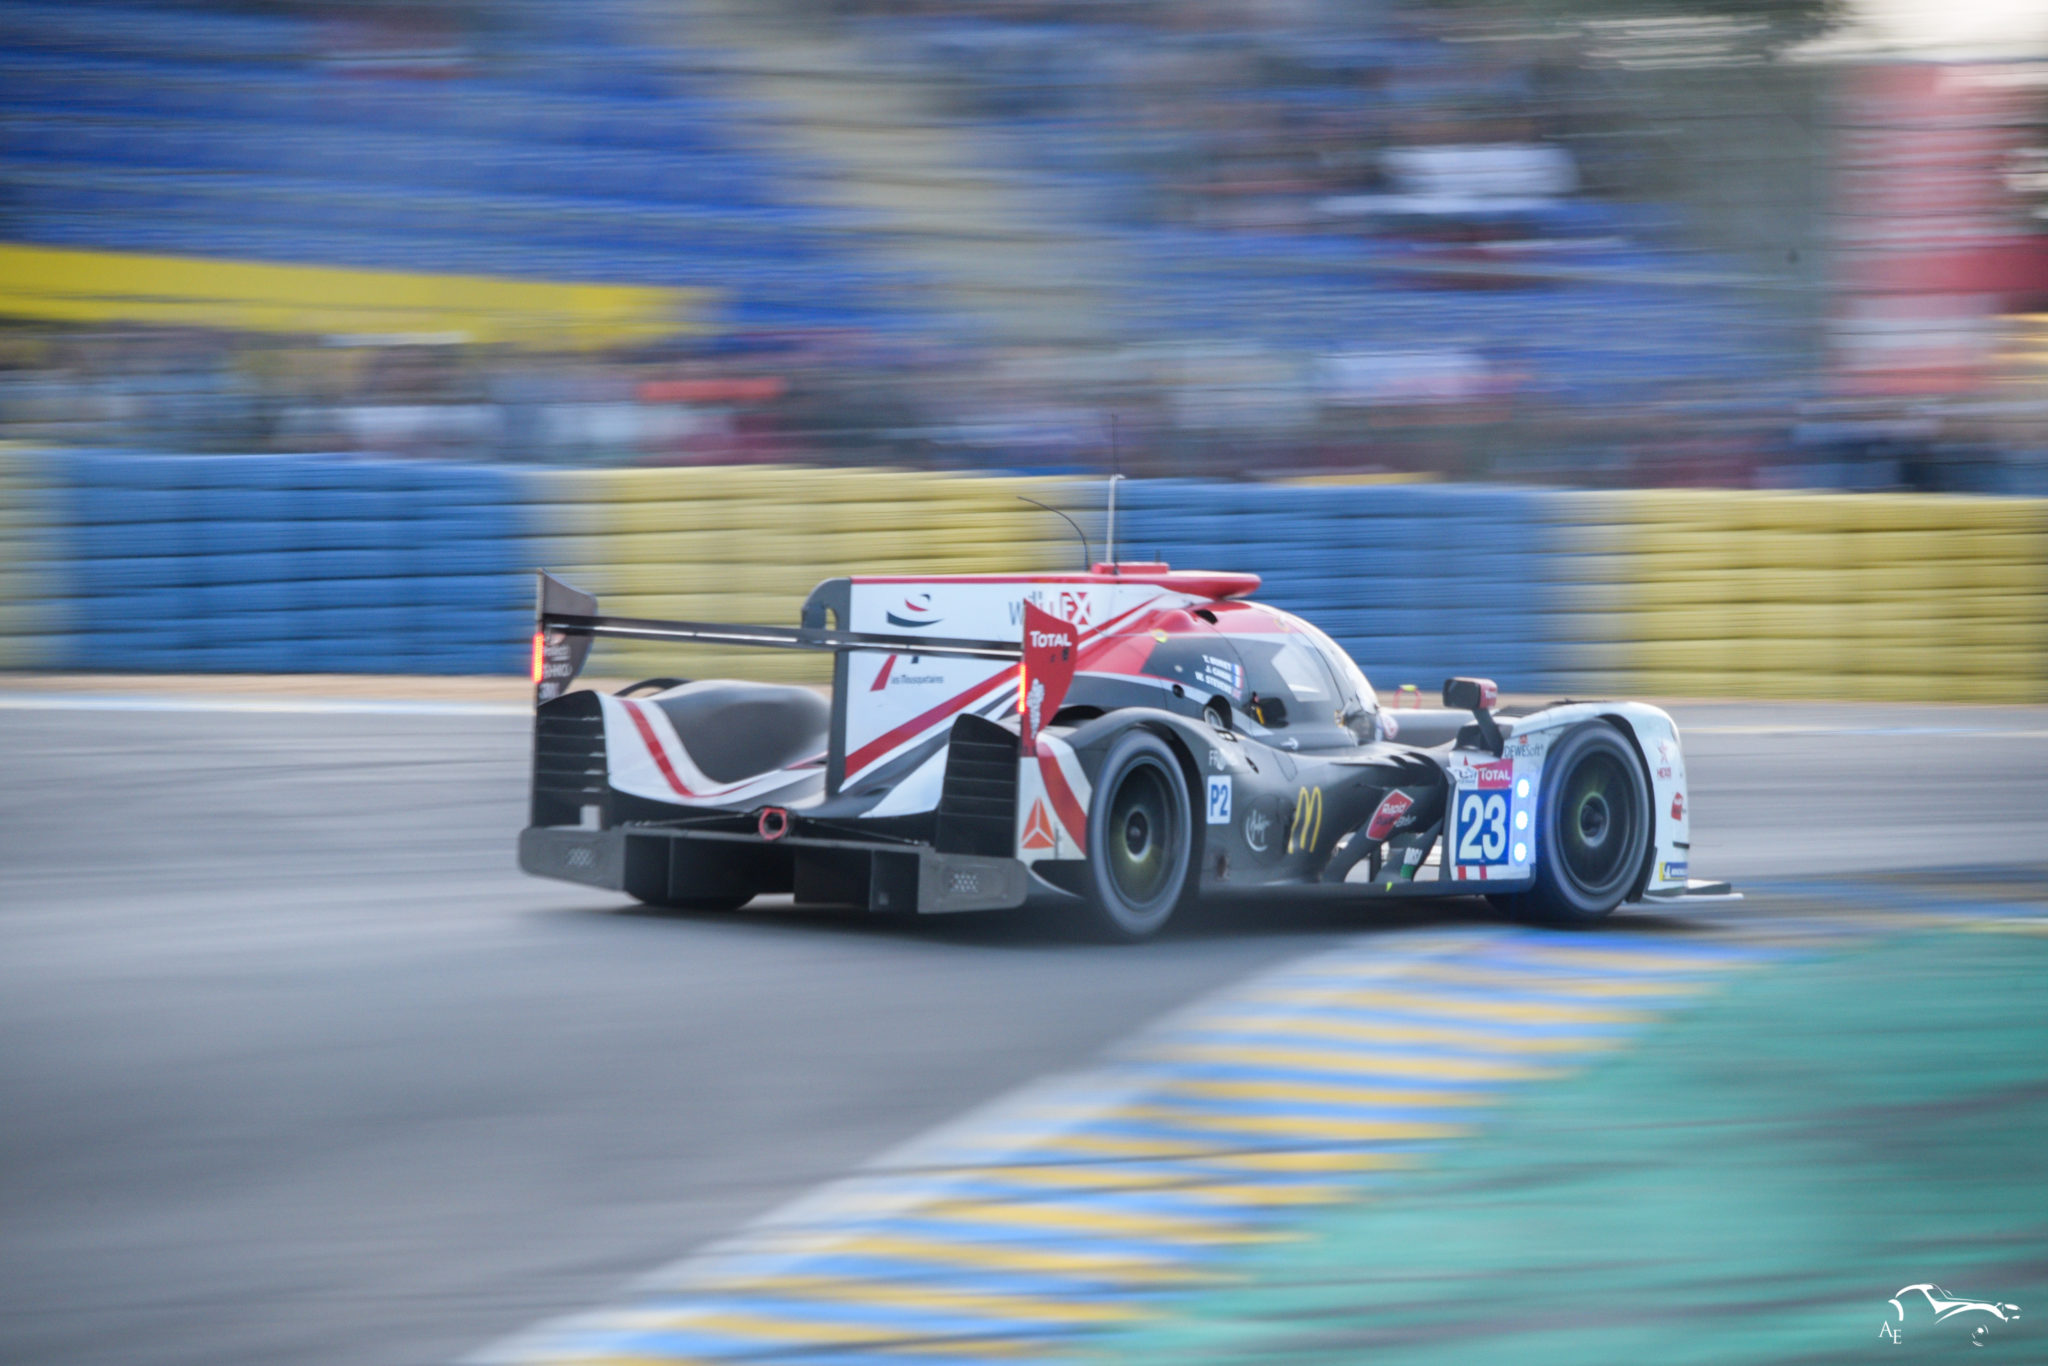 Panis-Barthez Compétition Ligier JS P217-Gibson